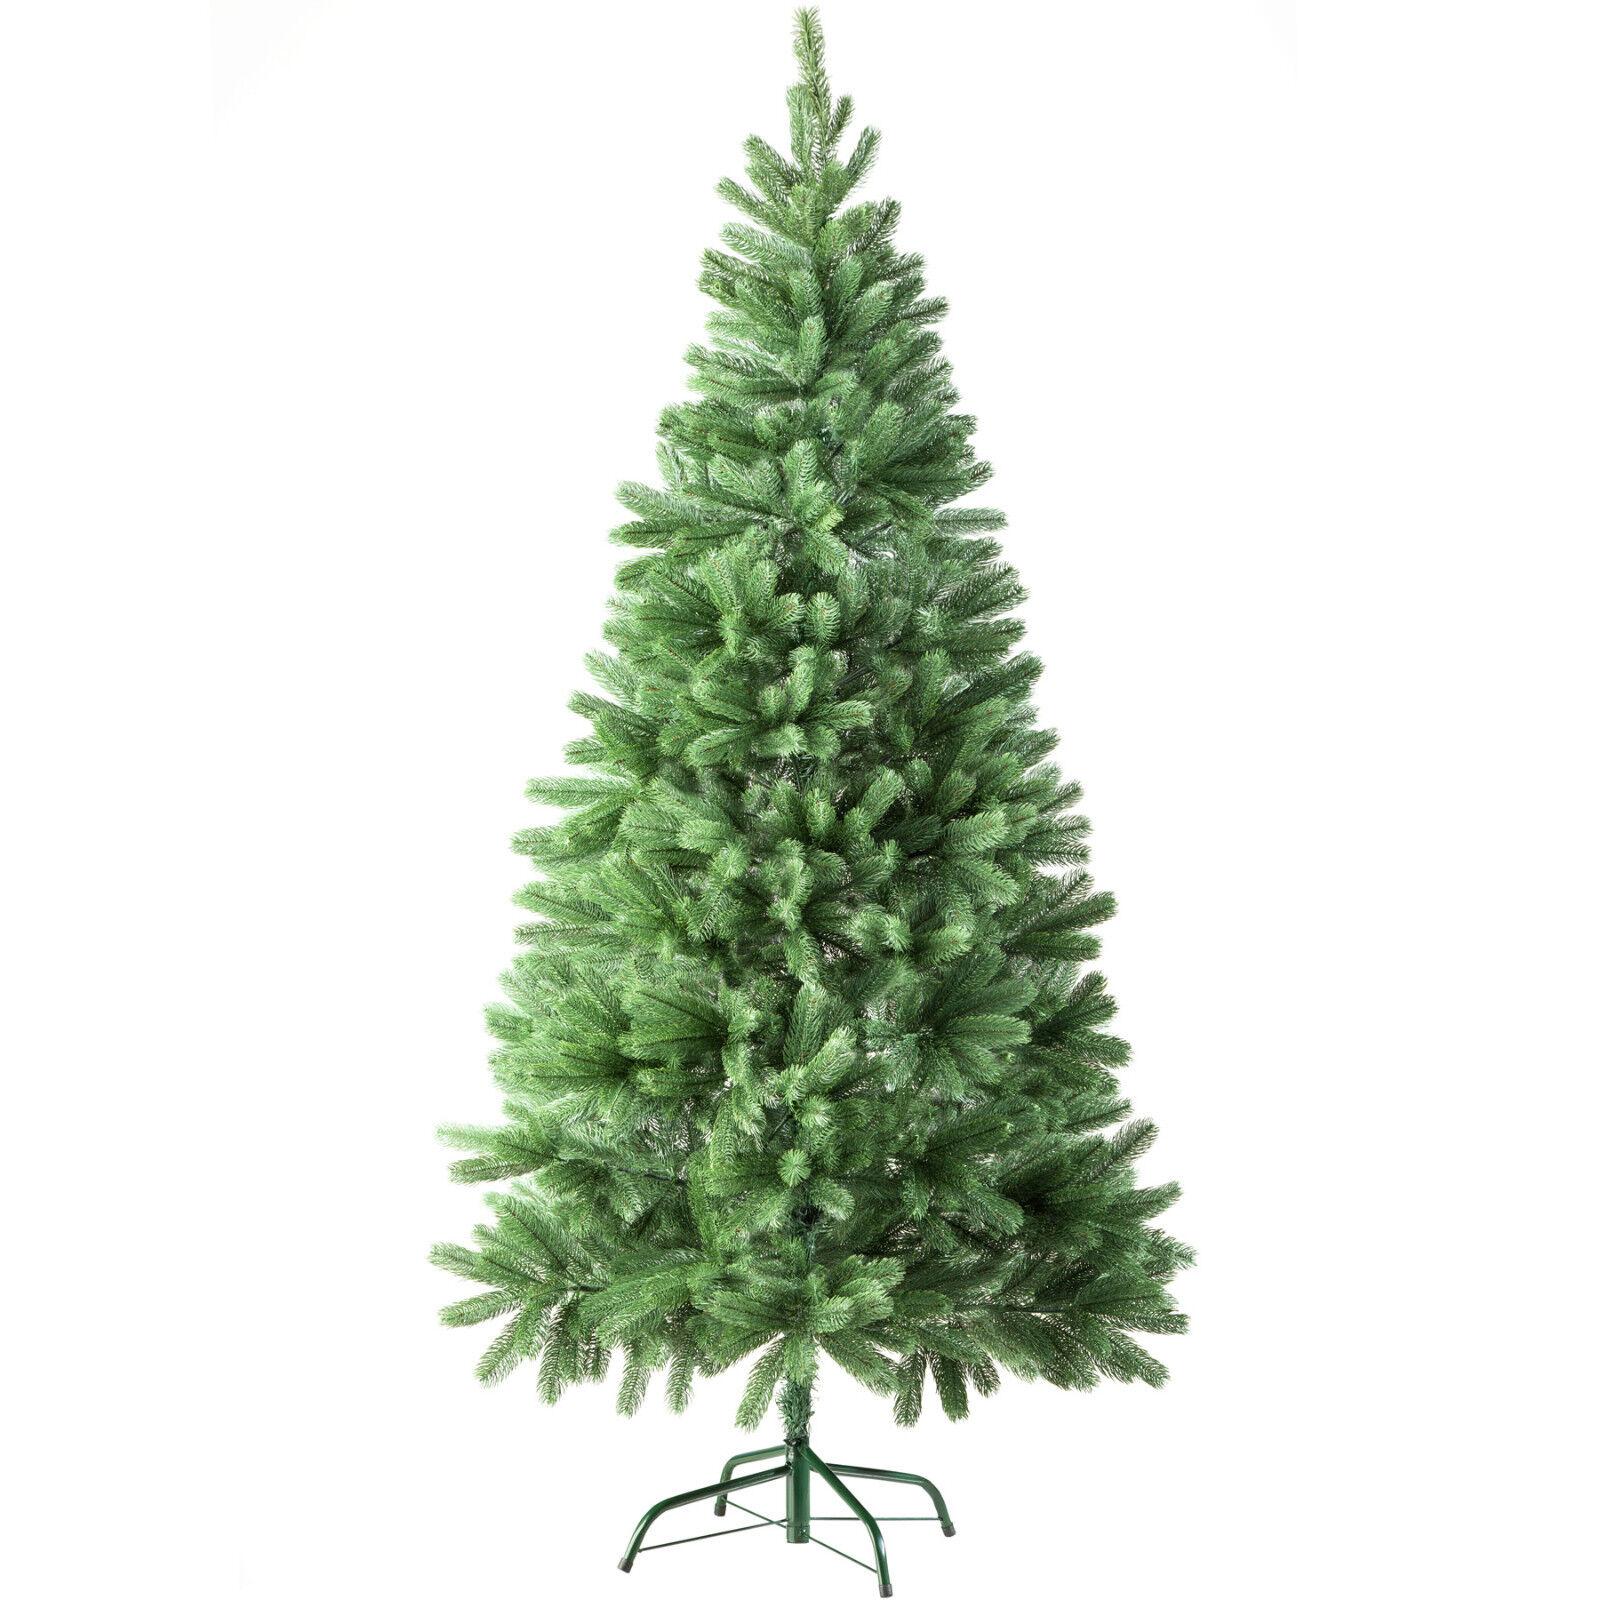 Árbol de Navidad Artificial Interior 180 cm 742 Ramas y Ramificaciones vert